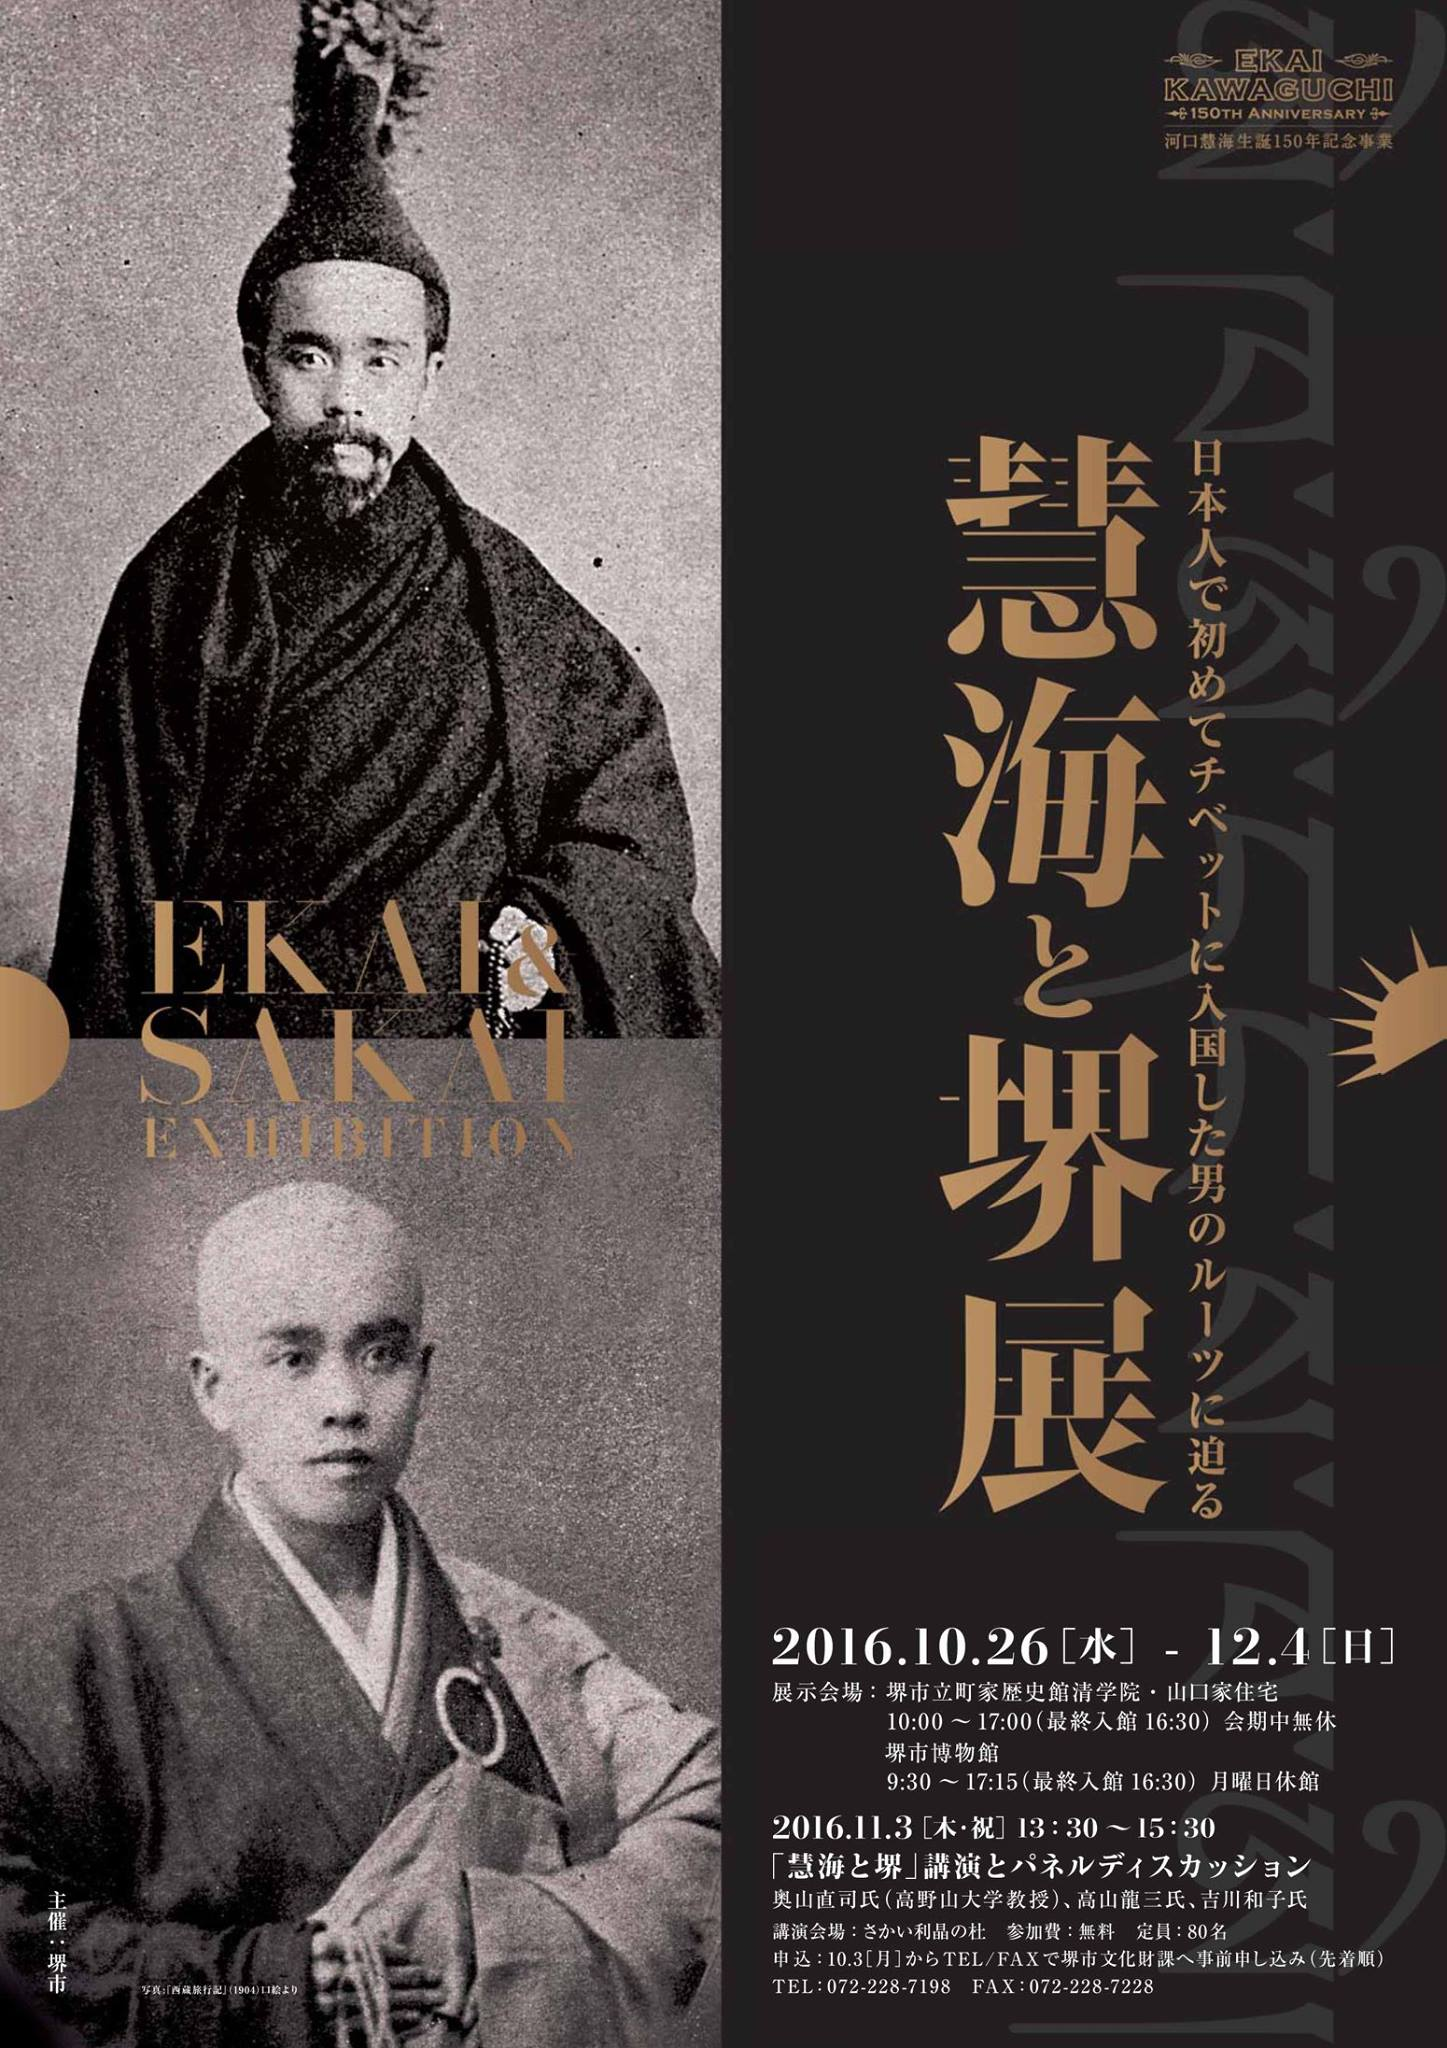 慧海と堺展 &  ラジオ!_e0111396_17464318.jpg